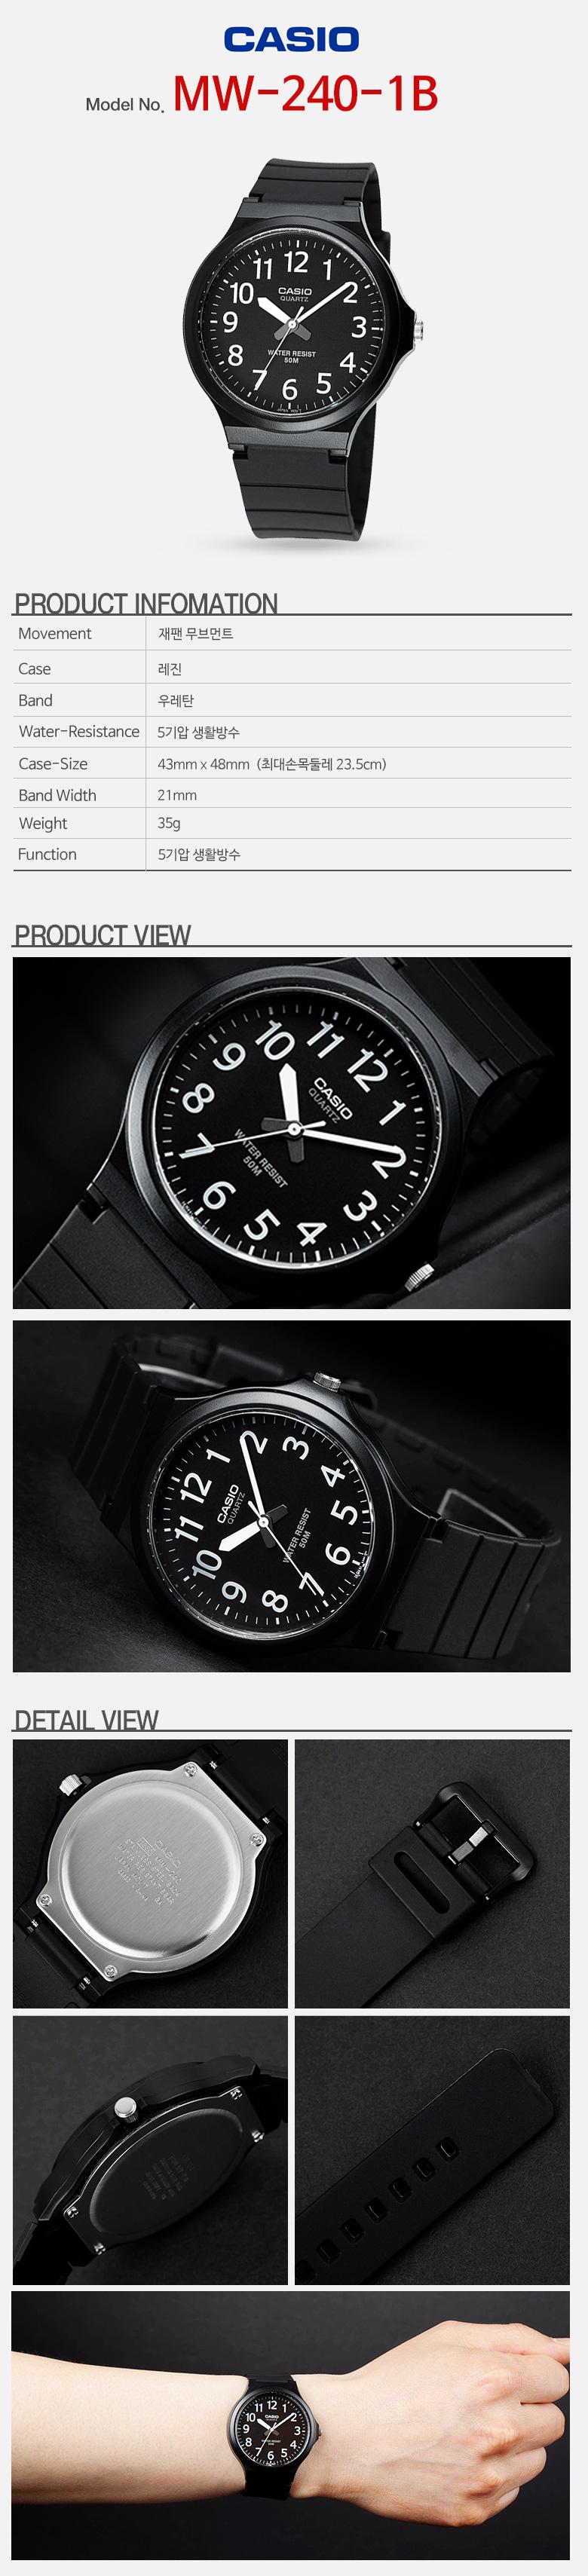 카시오 학생 수능 손목시계 MW-240-1B